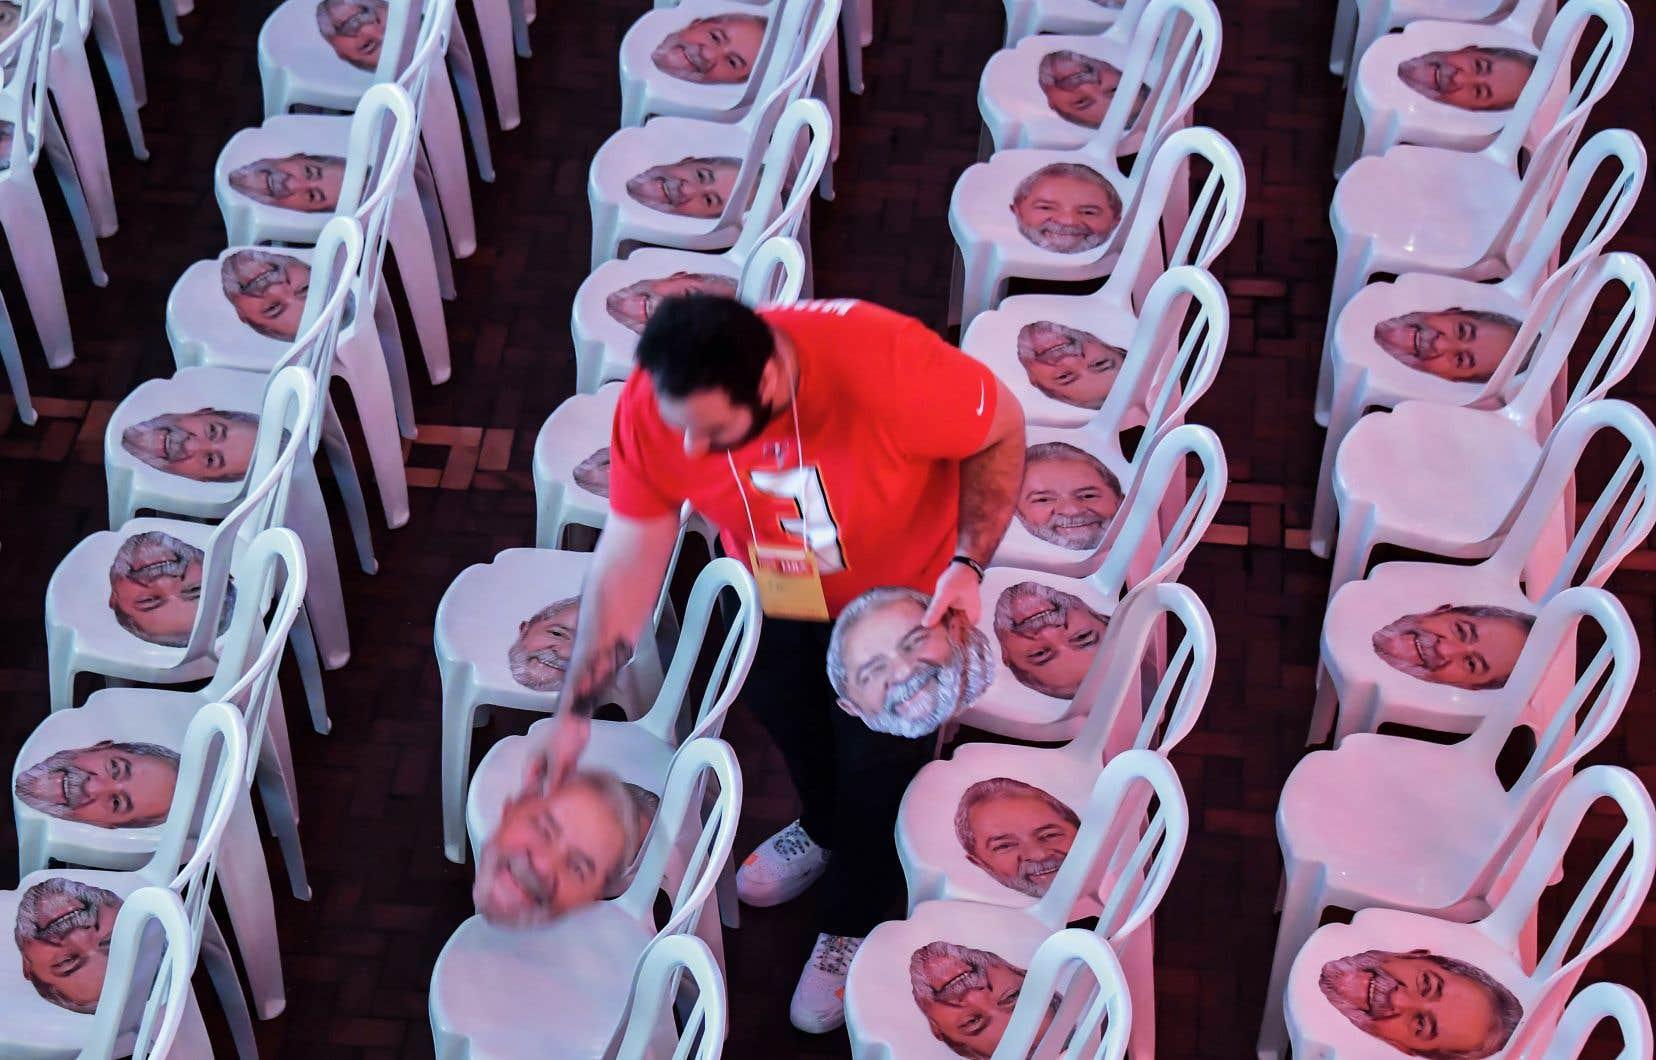 Un homme distribuant des masques à l'effigie de Lula avant le début de la convention nationale du Parti des travailleurs du Brésil, le 4 août dernier